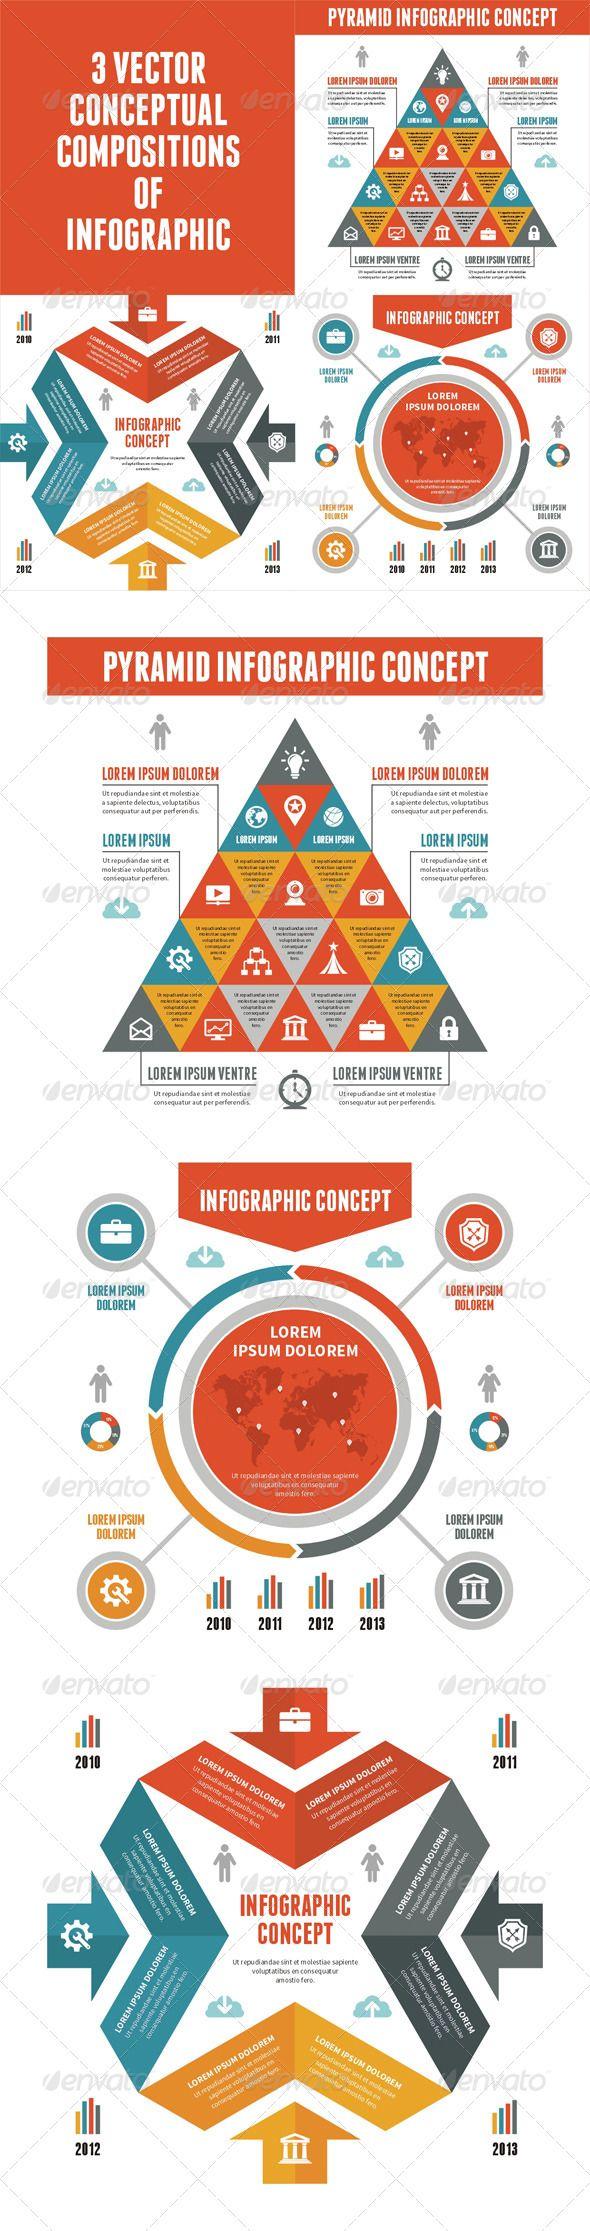 Vecteur clipart de main sur 201 cologie conscience image concept - 3 Infographic Concept For Presentation